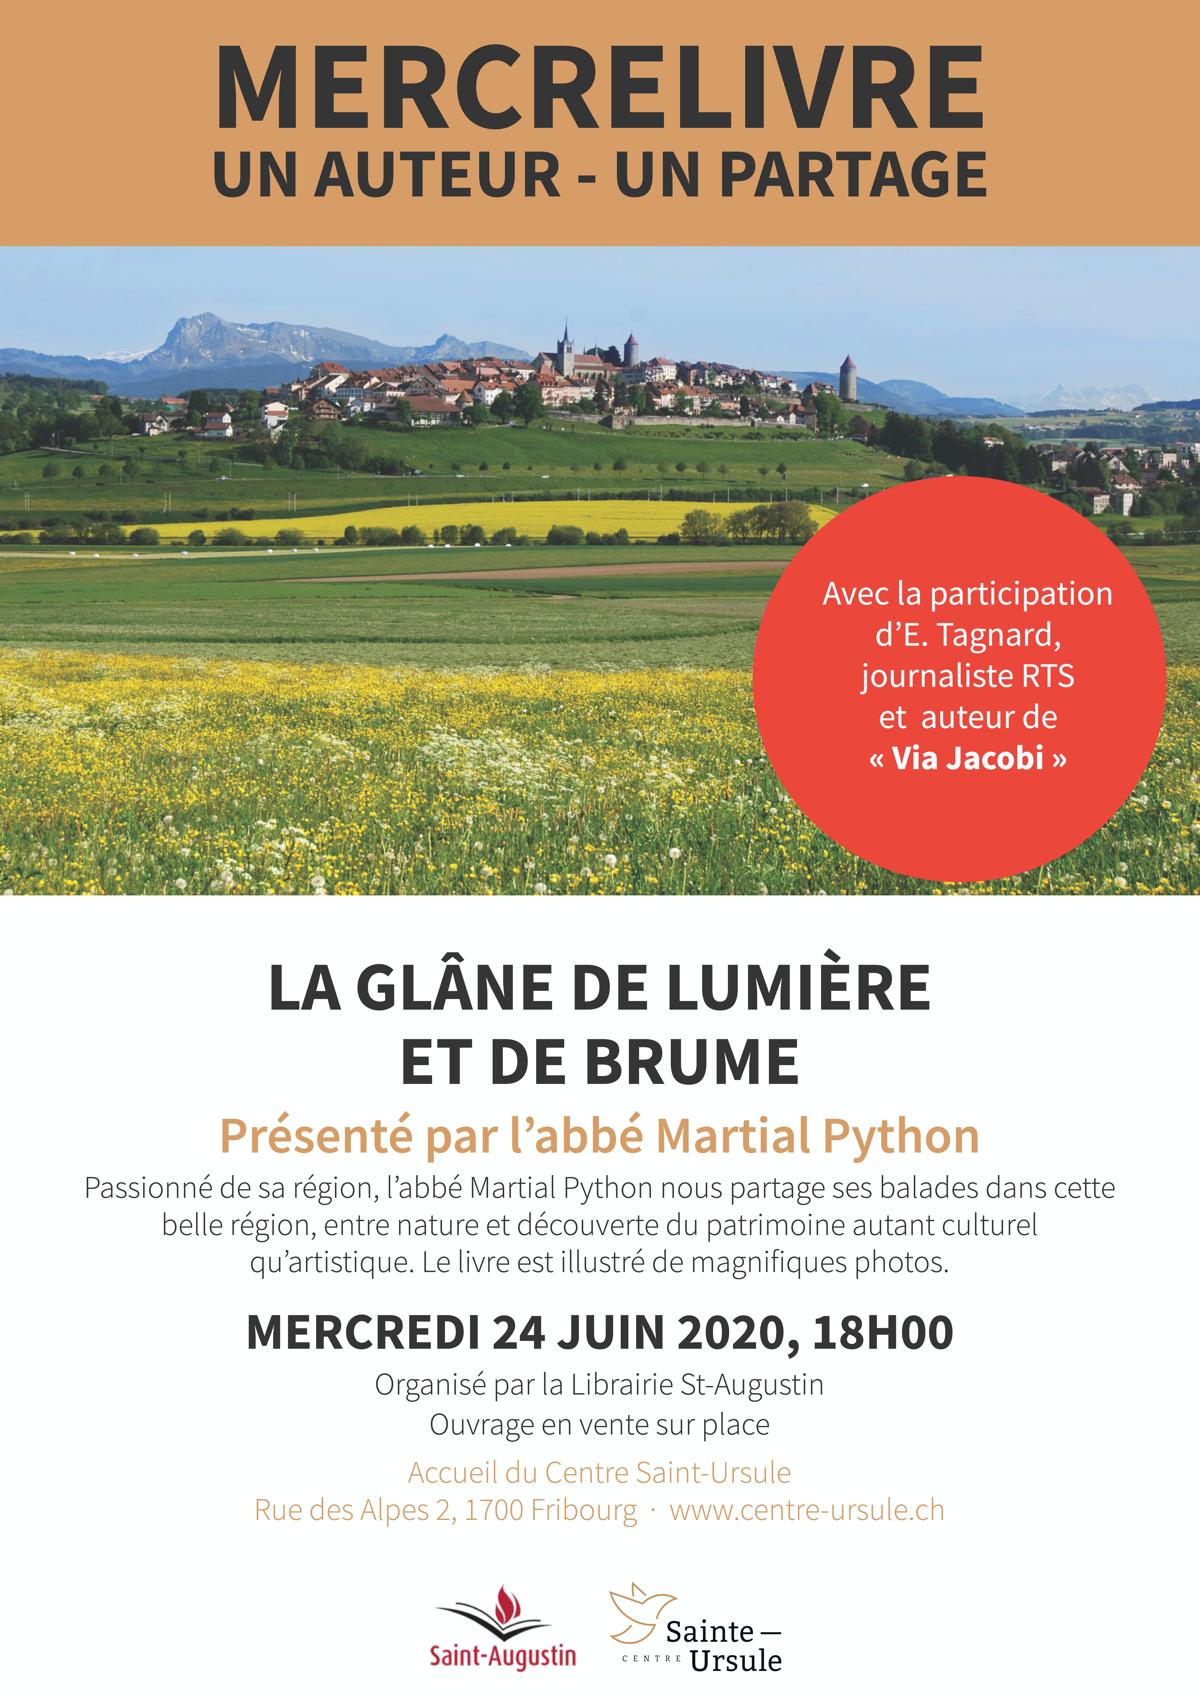 mercreLIVRE avec Martial Python et Emmanuel Tagnard –24 juin de 18h à 19h30 –Fribourg